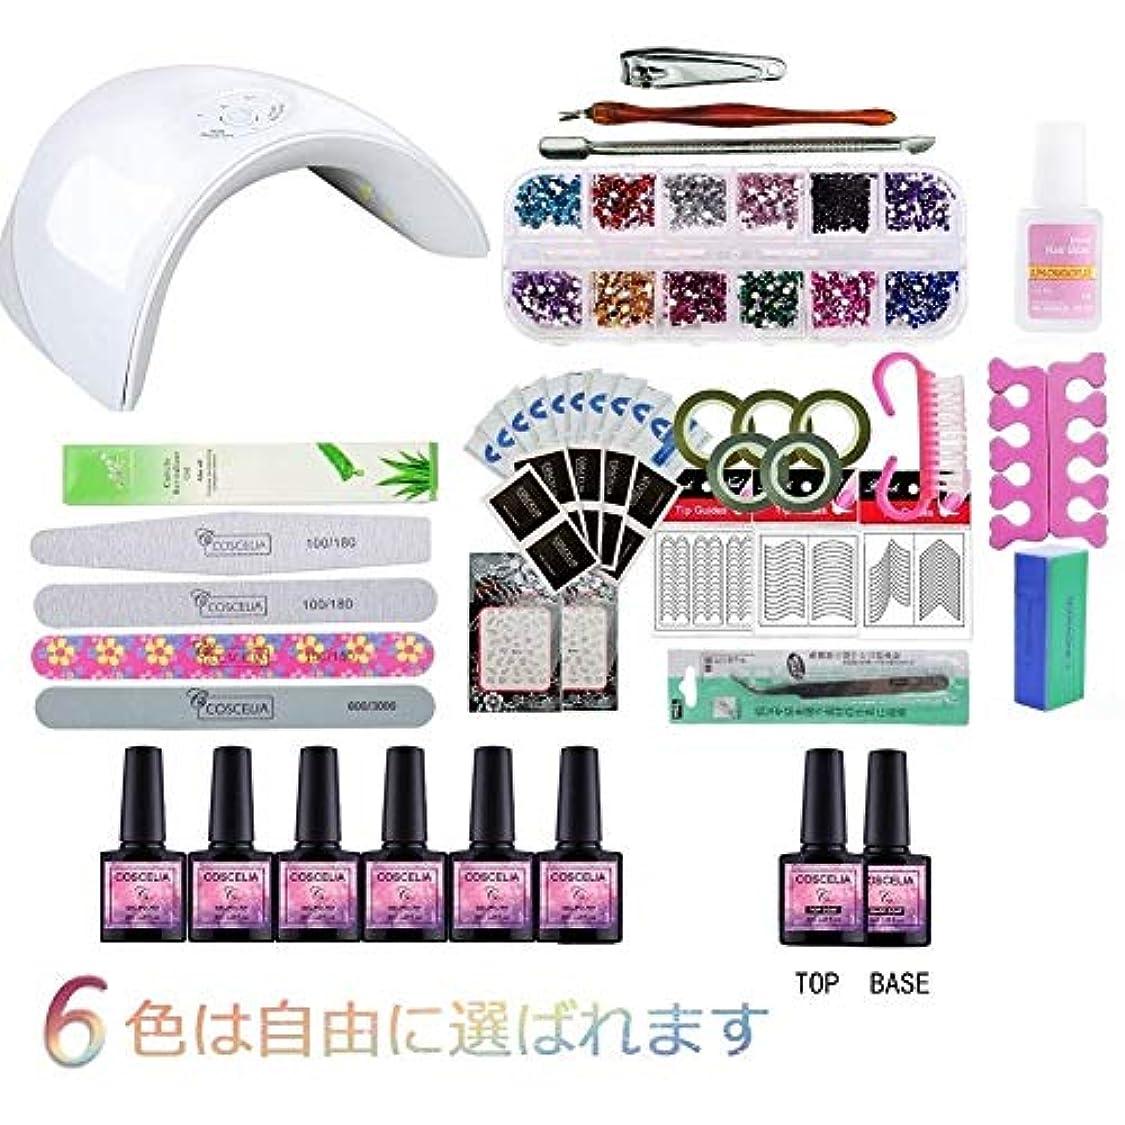 講義策定する現れるTwinkle Store ネイルセット 6色ネイルジェルカラーセット 36W UV/LEDネイルライト付きセット 6色を自由に選ぶことができるセット セルフネイルキット ネイルジェルキット